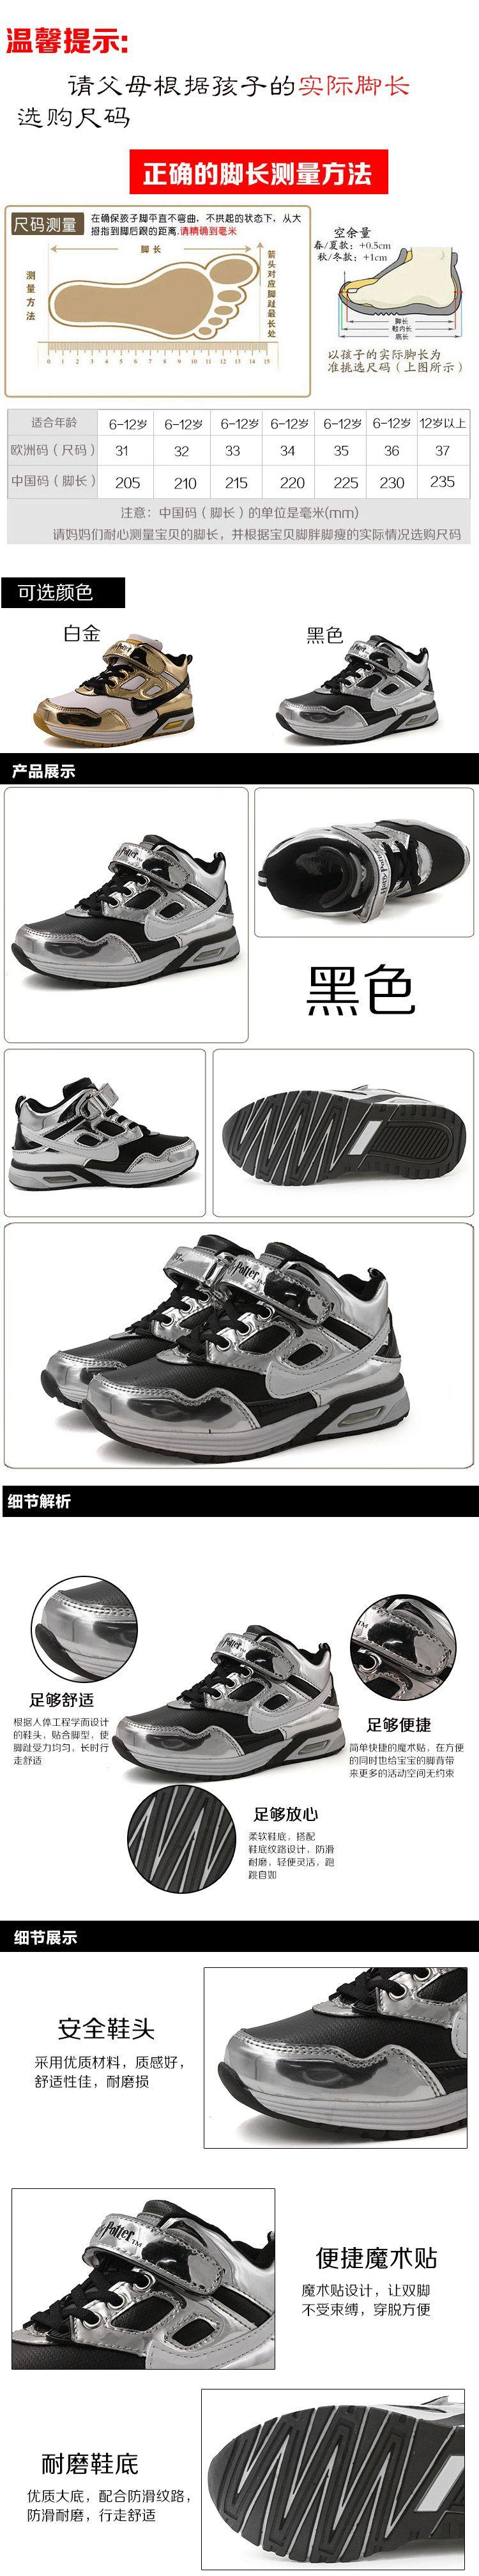 哈利波特harrypotter男女童鞋男中童(31-37码)黑色鞋